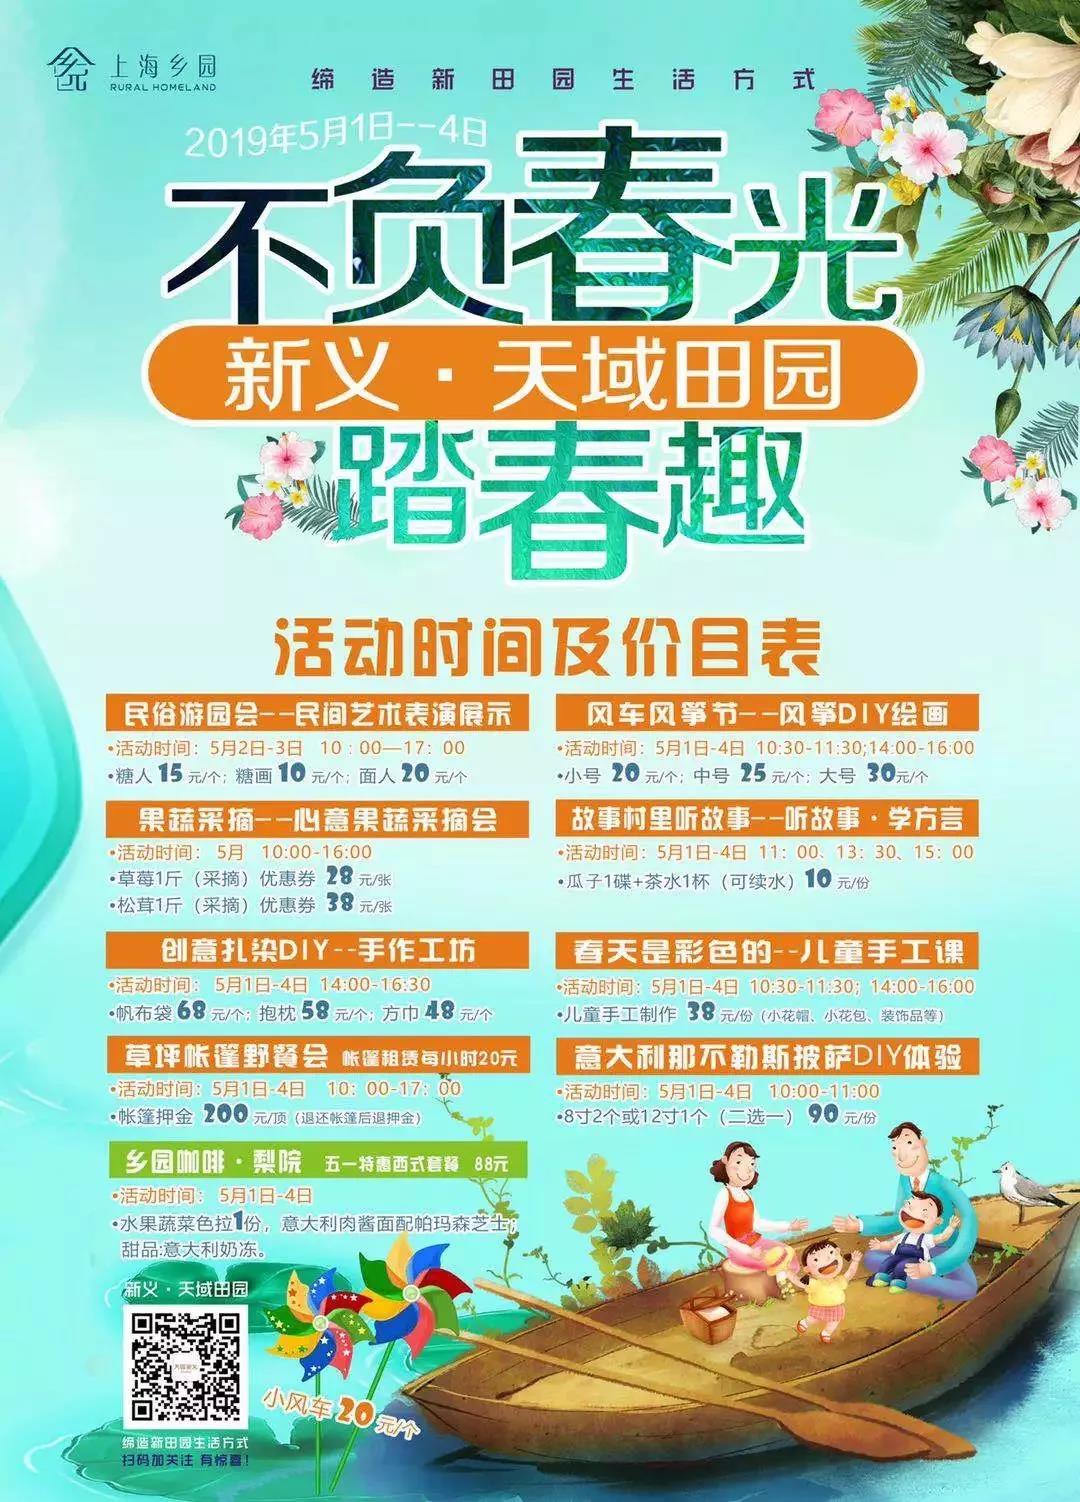 五一上海新义·天域田园踏青游玩活动攻略